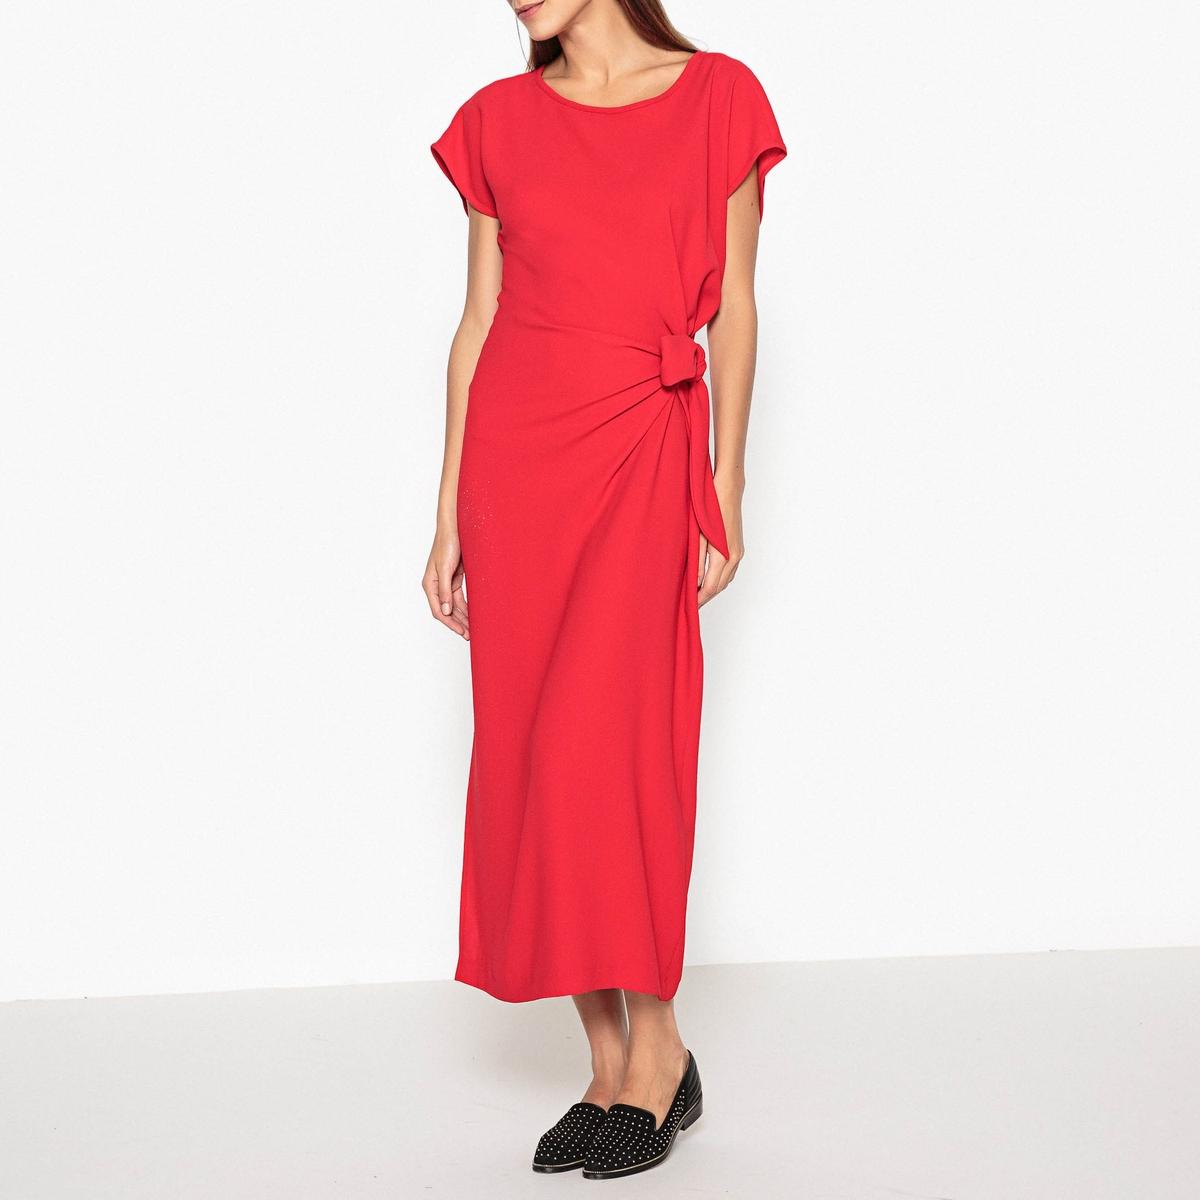 Платье NICTORОписание:Платье с короткими рукавами TOUPY - модель NICTOR с бантами по бокам, создающими эффект драпировки.Детали •  Форма : прямая •  Длина ниже колен •  Короткие рукава    •  Круглый вырезСостав и уход •  100% полиэстер  •  Следуйте советам по уходу, указанным на этикетке<br><br>Цвет: красный